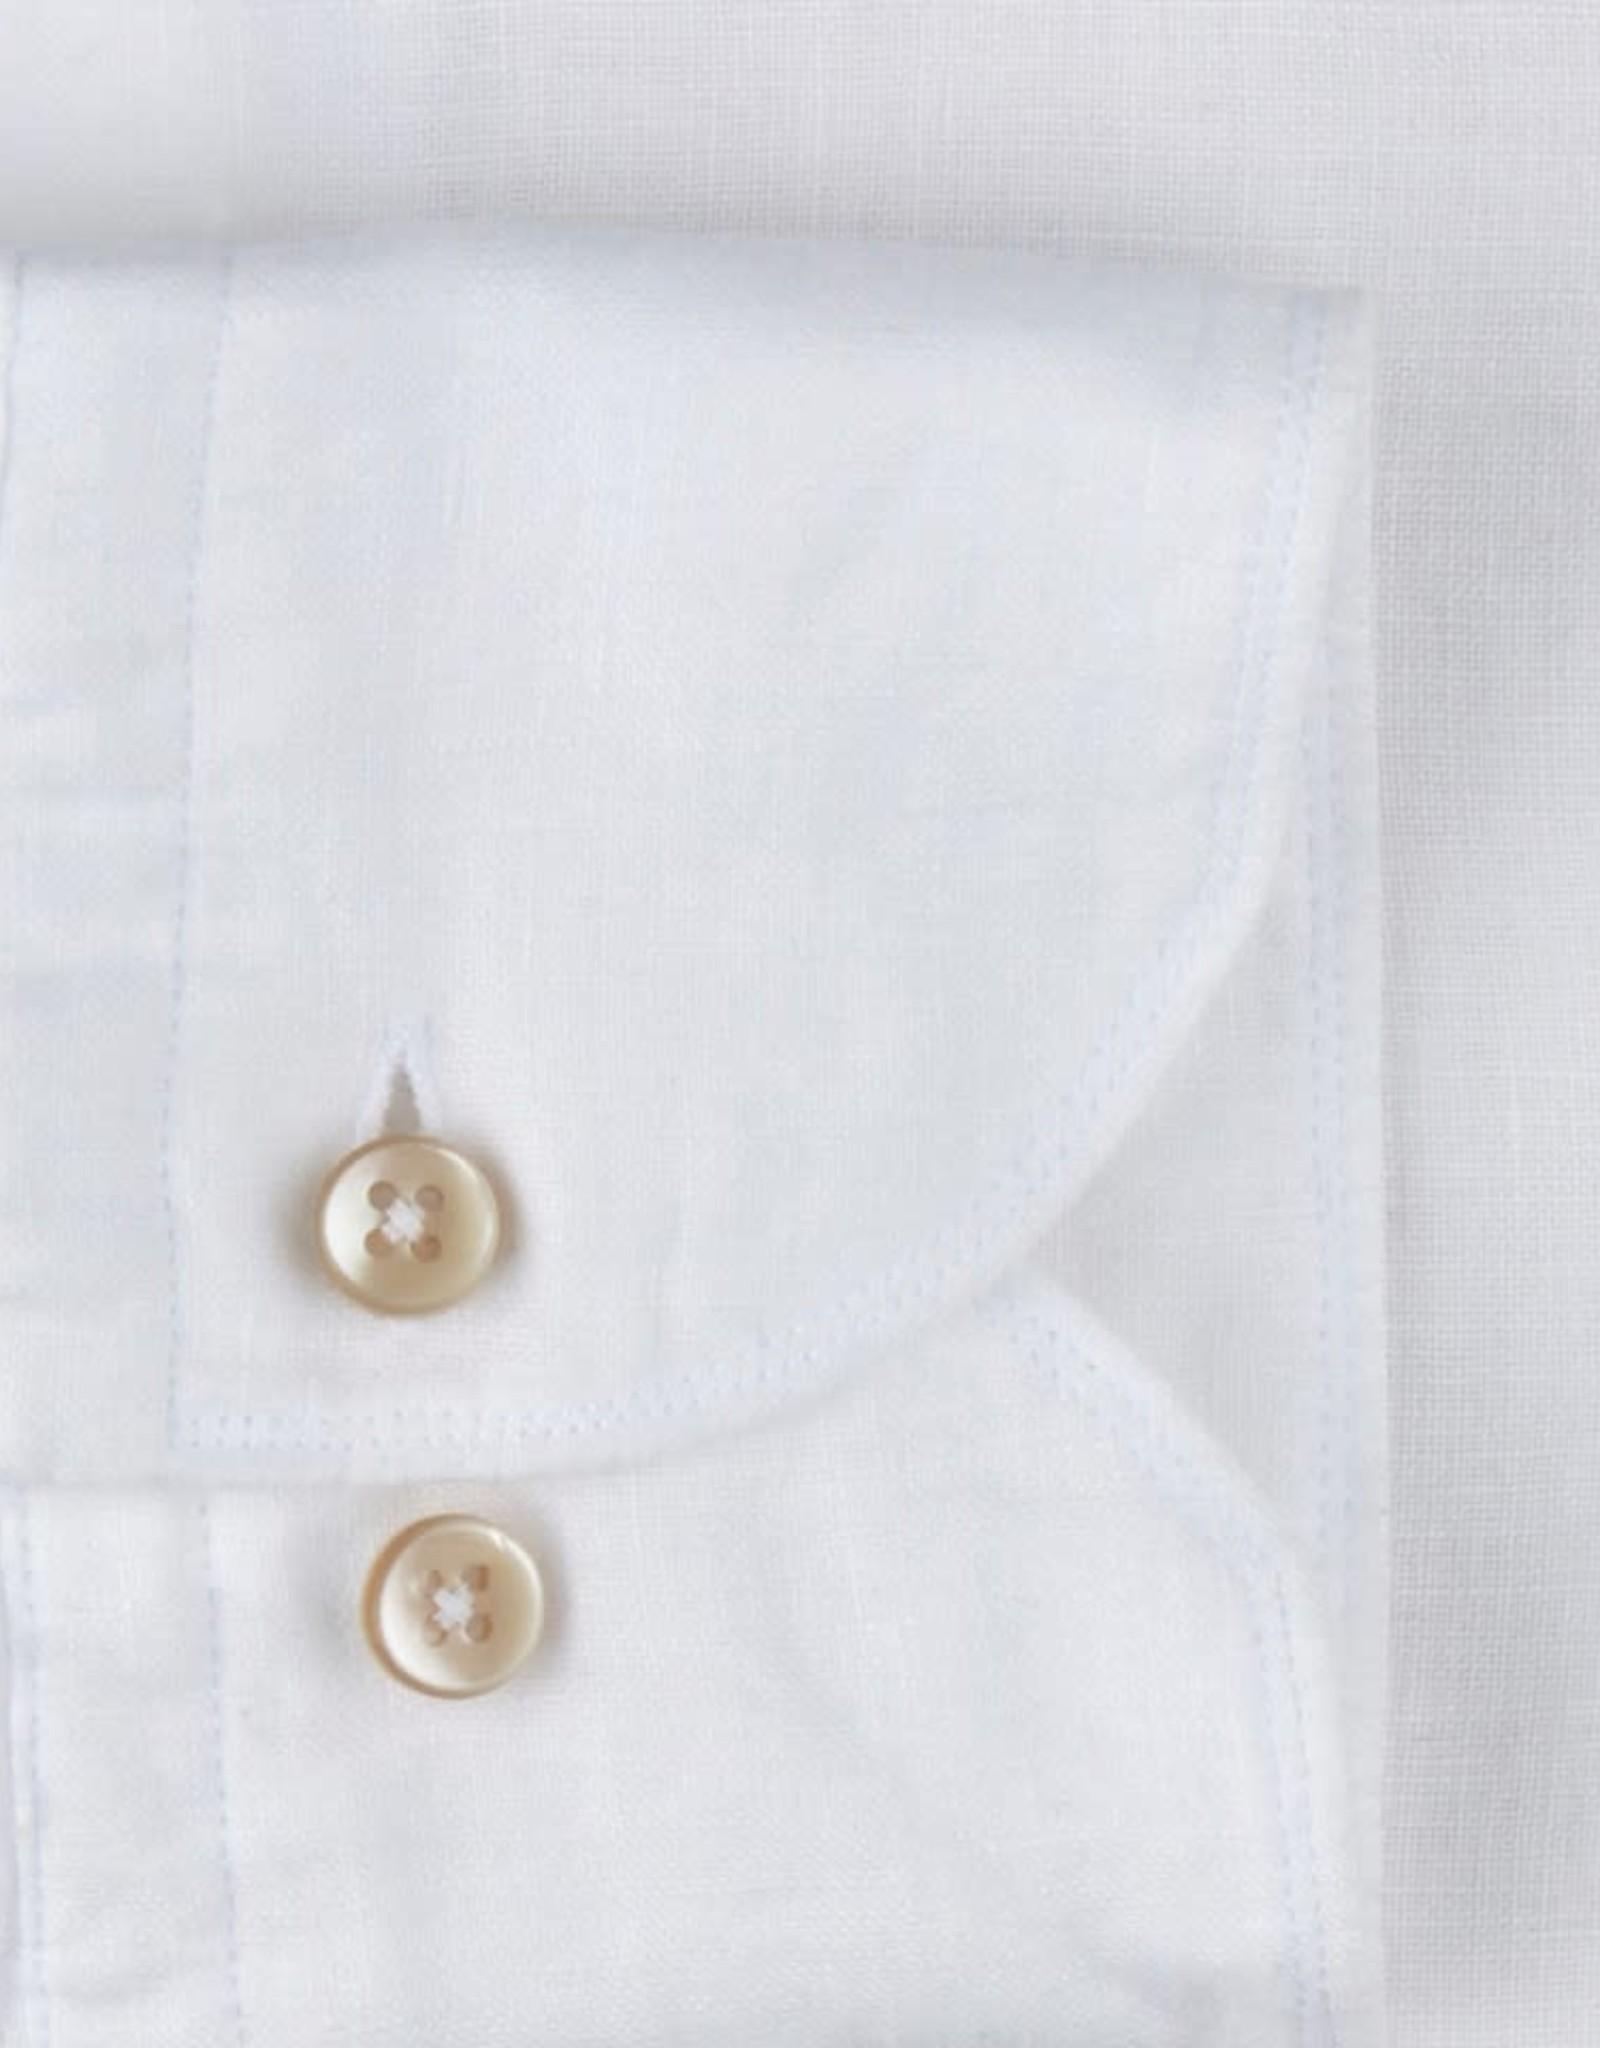 Stenströms Stenströms hemd linnen wit Fitted body 675221-7597/000